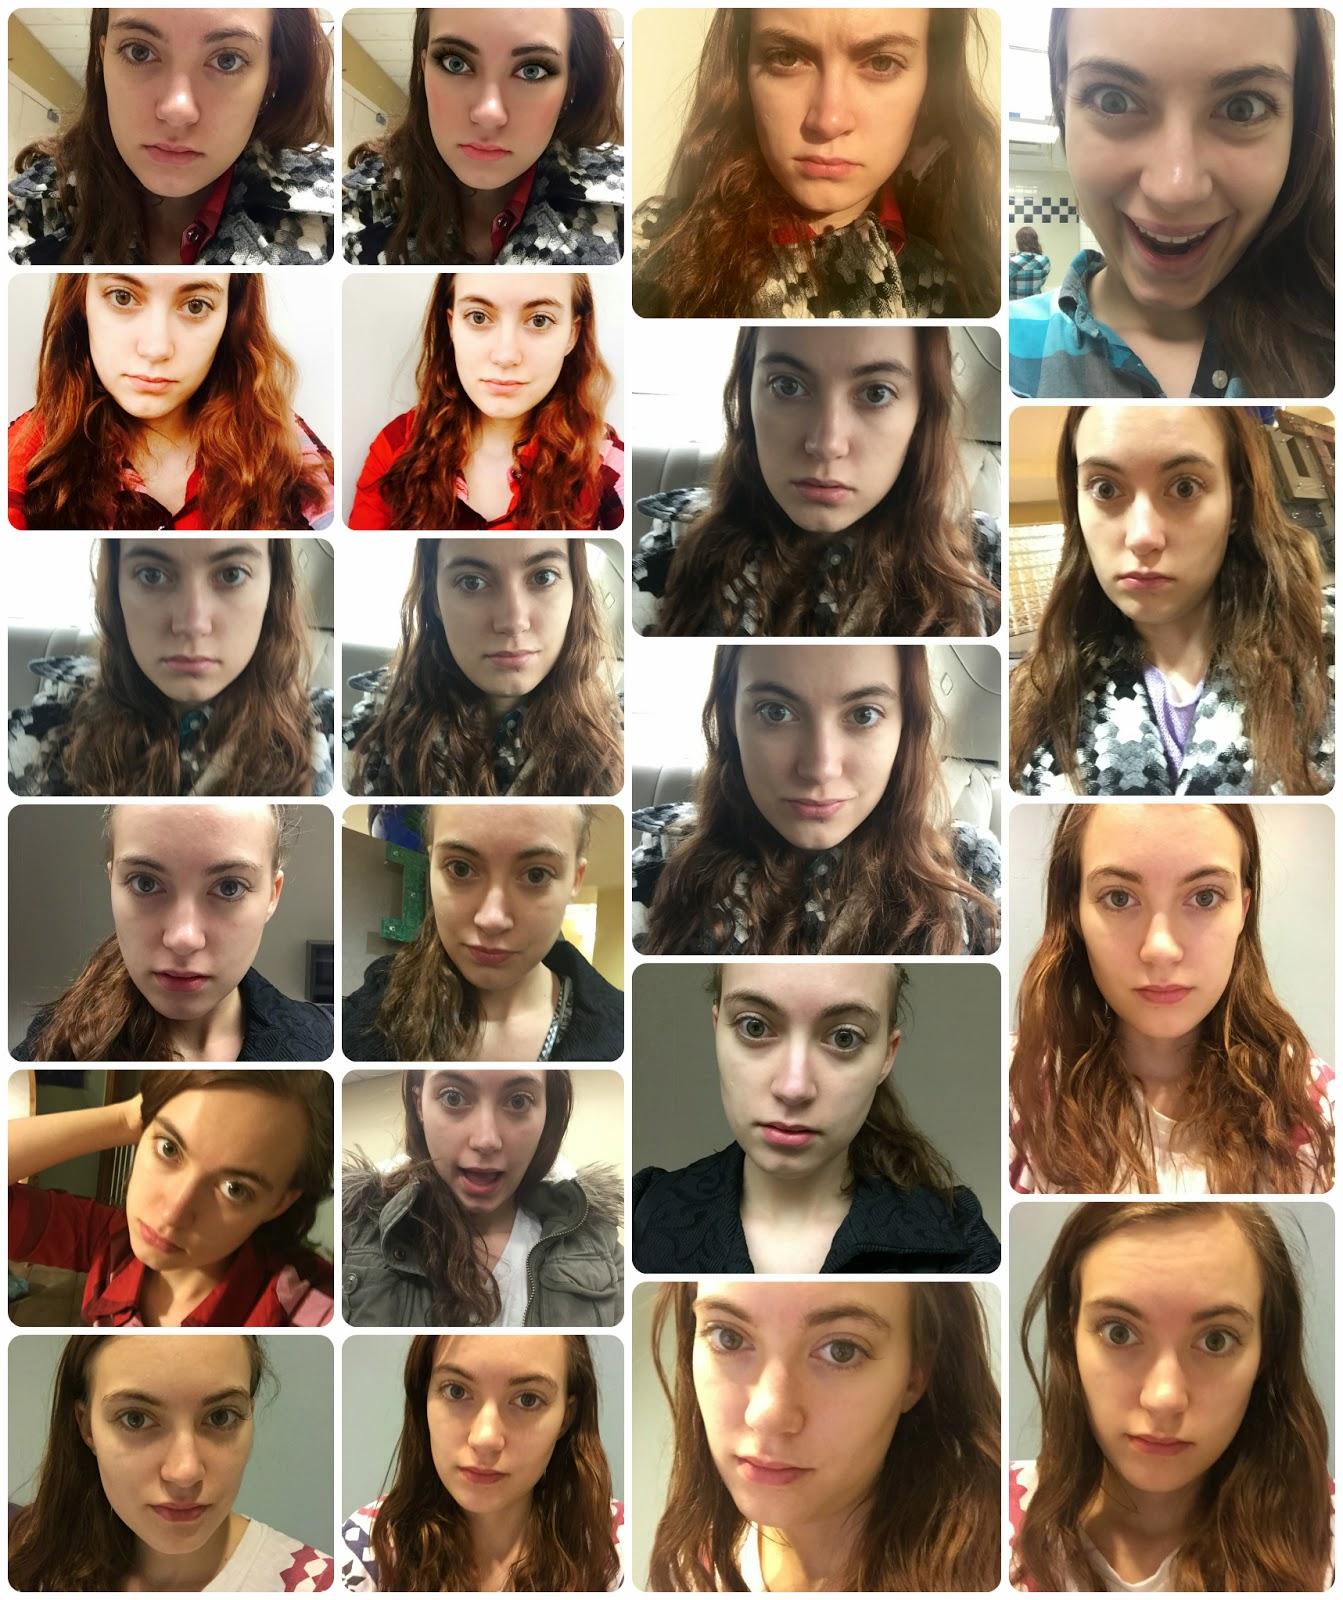 blogger-selfie-fails